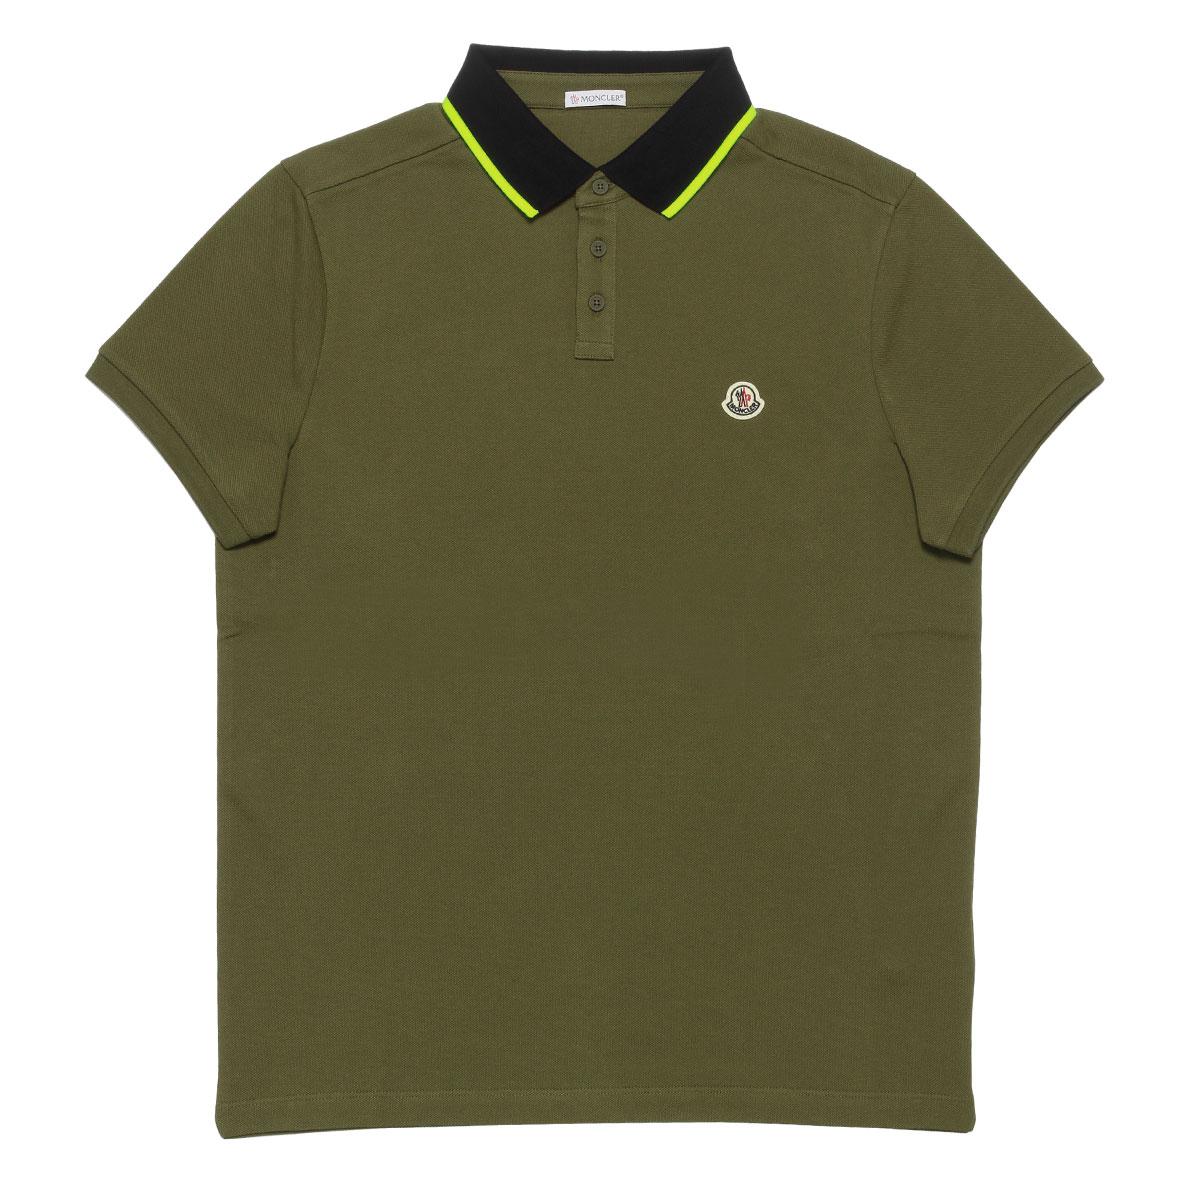 モンクレール MONCLER ポロシャツ メンズ 8304100 84556 829 半袖ポロシャツ KHAKI グリーン